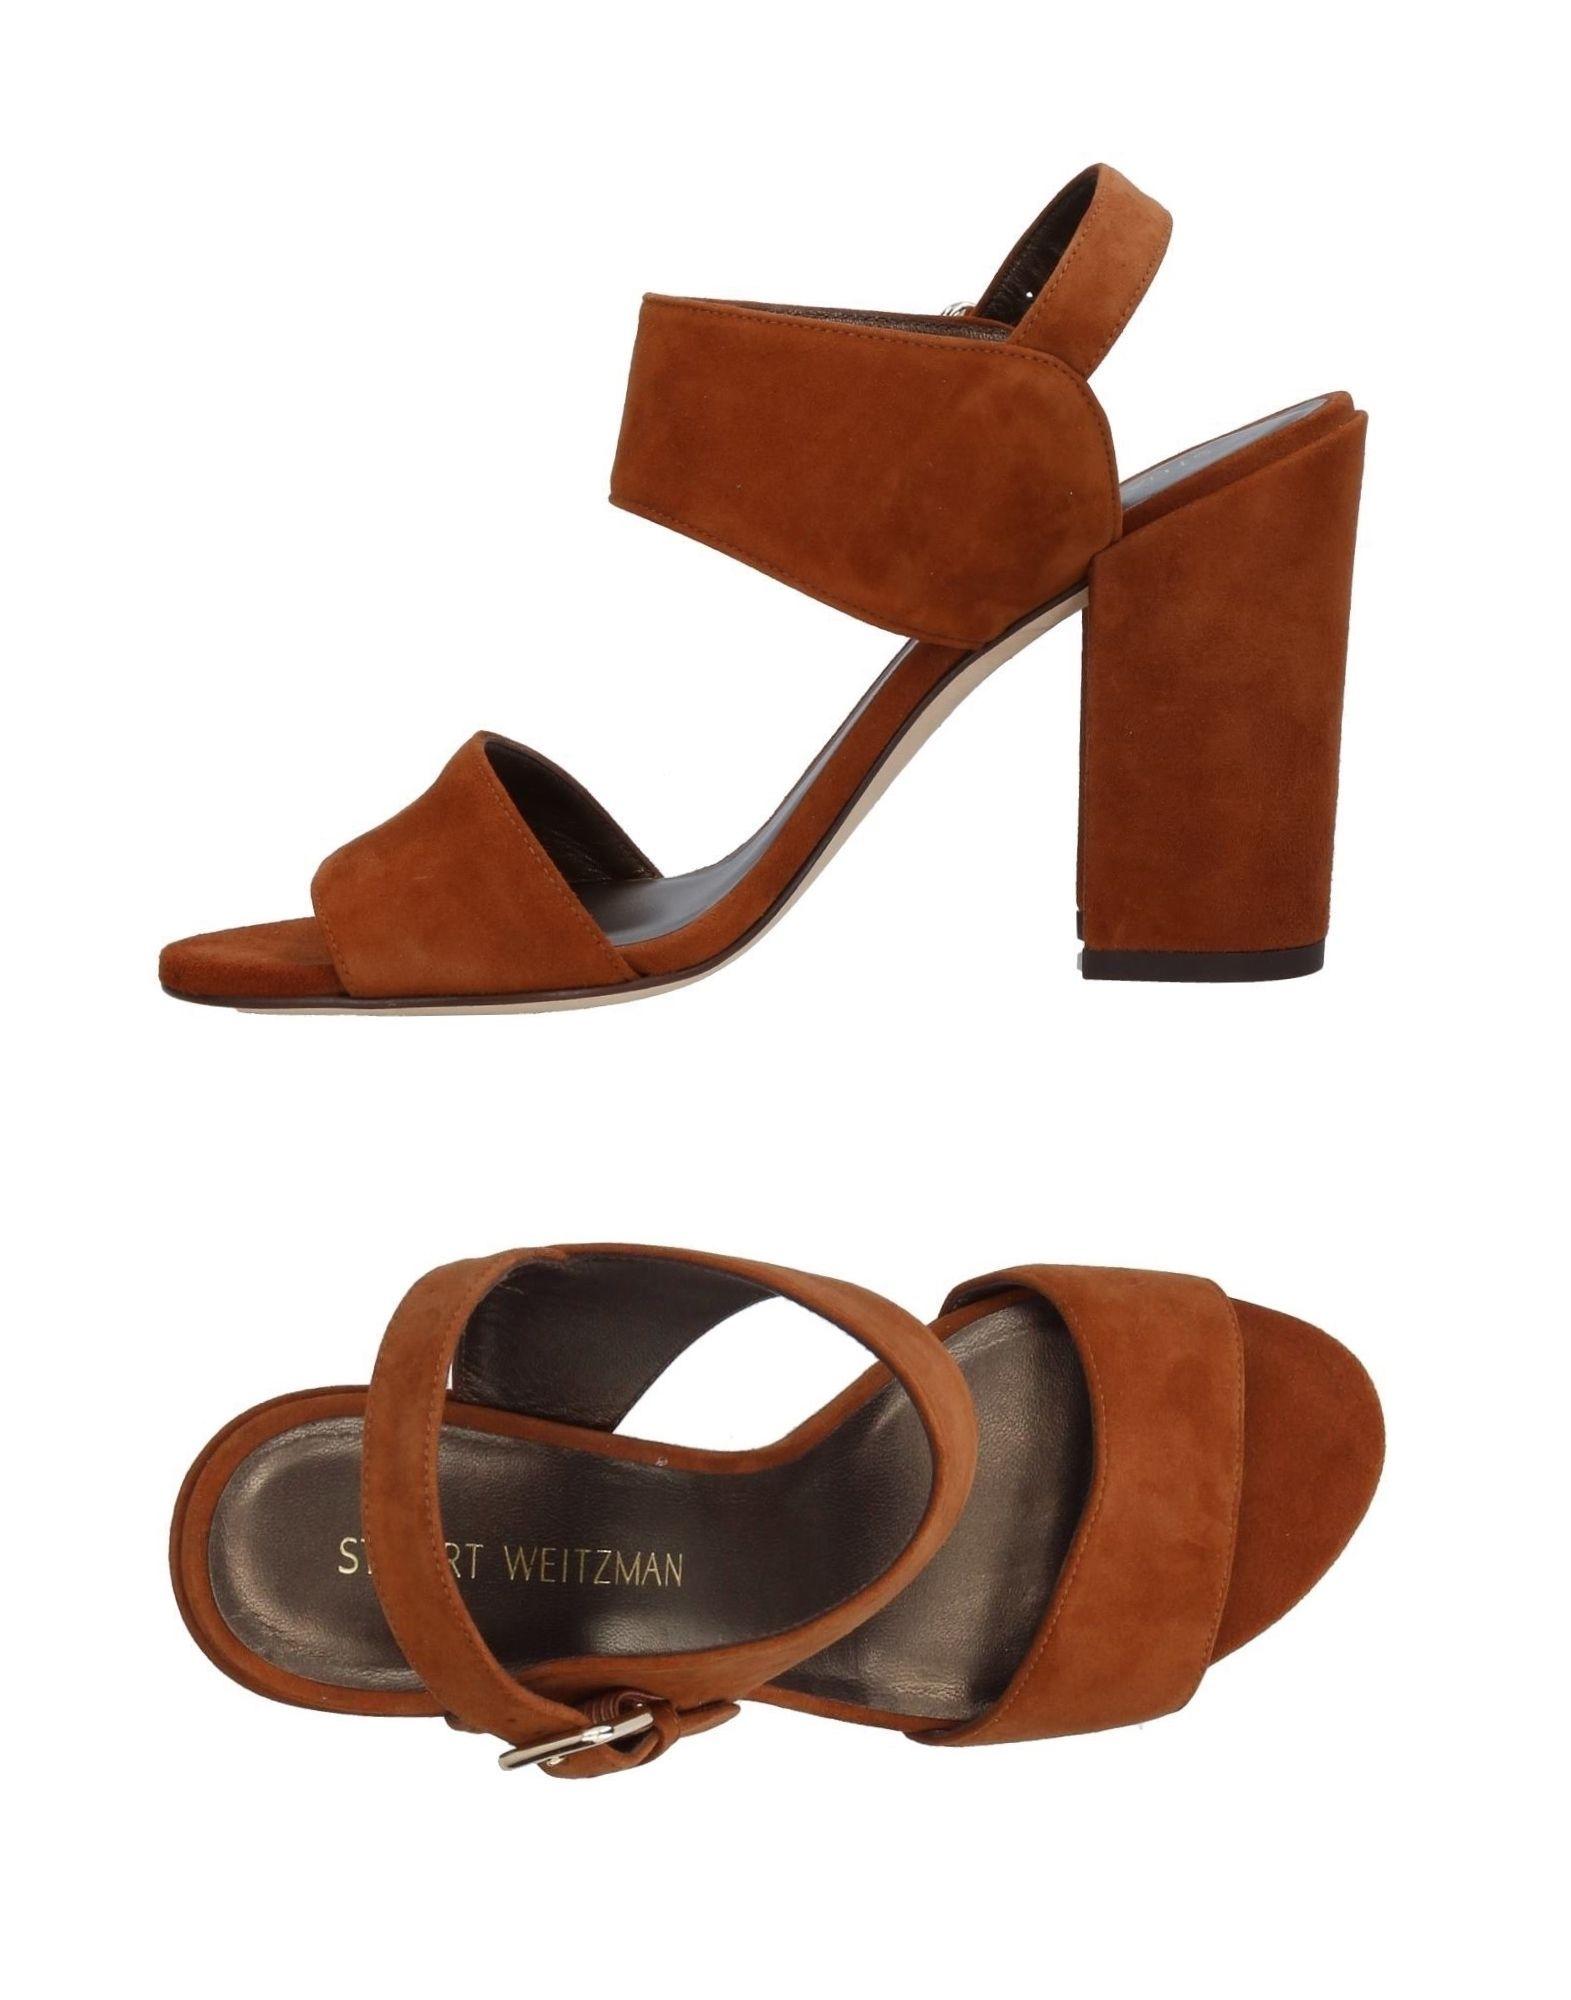 Stuart Weitzman Sandalen Damen  11399112BEGut aussehende strapazierfähige Schuhe